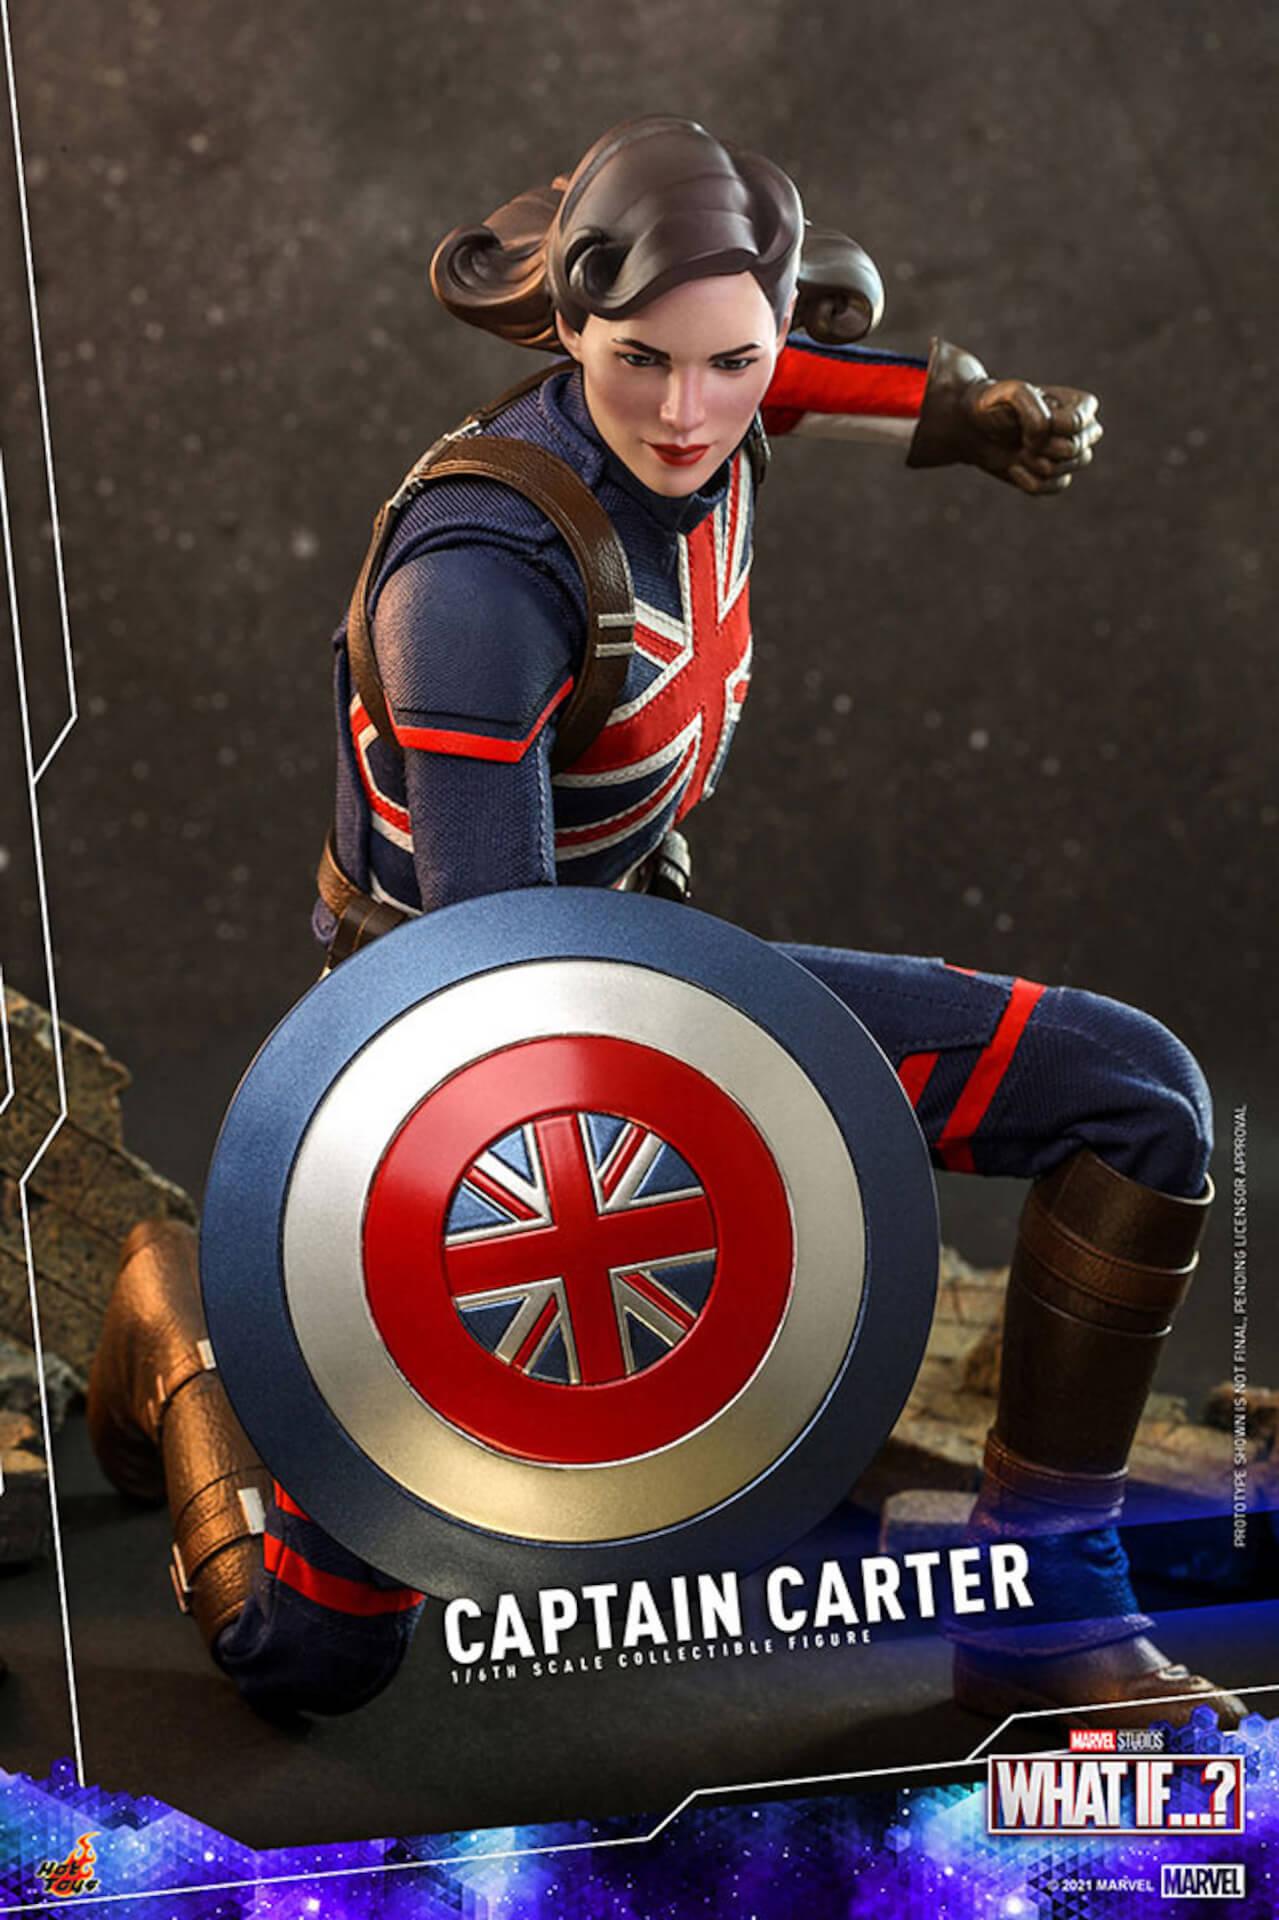 もしもの世界のヒーローがフィギュアに!マーベル・スタジオ『ホワット・イフ...?』のキャプテン・カーターがホットトイズより登場 art210921_captaincarter_hottoys_8